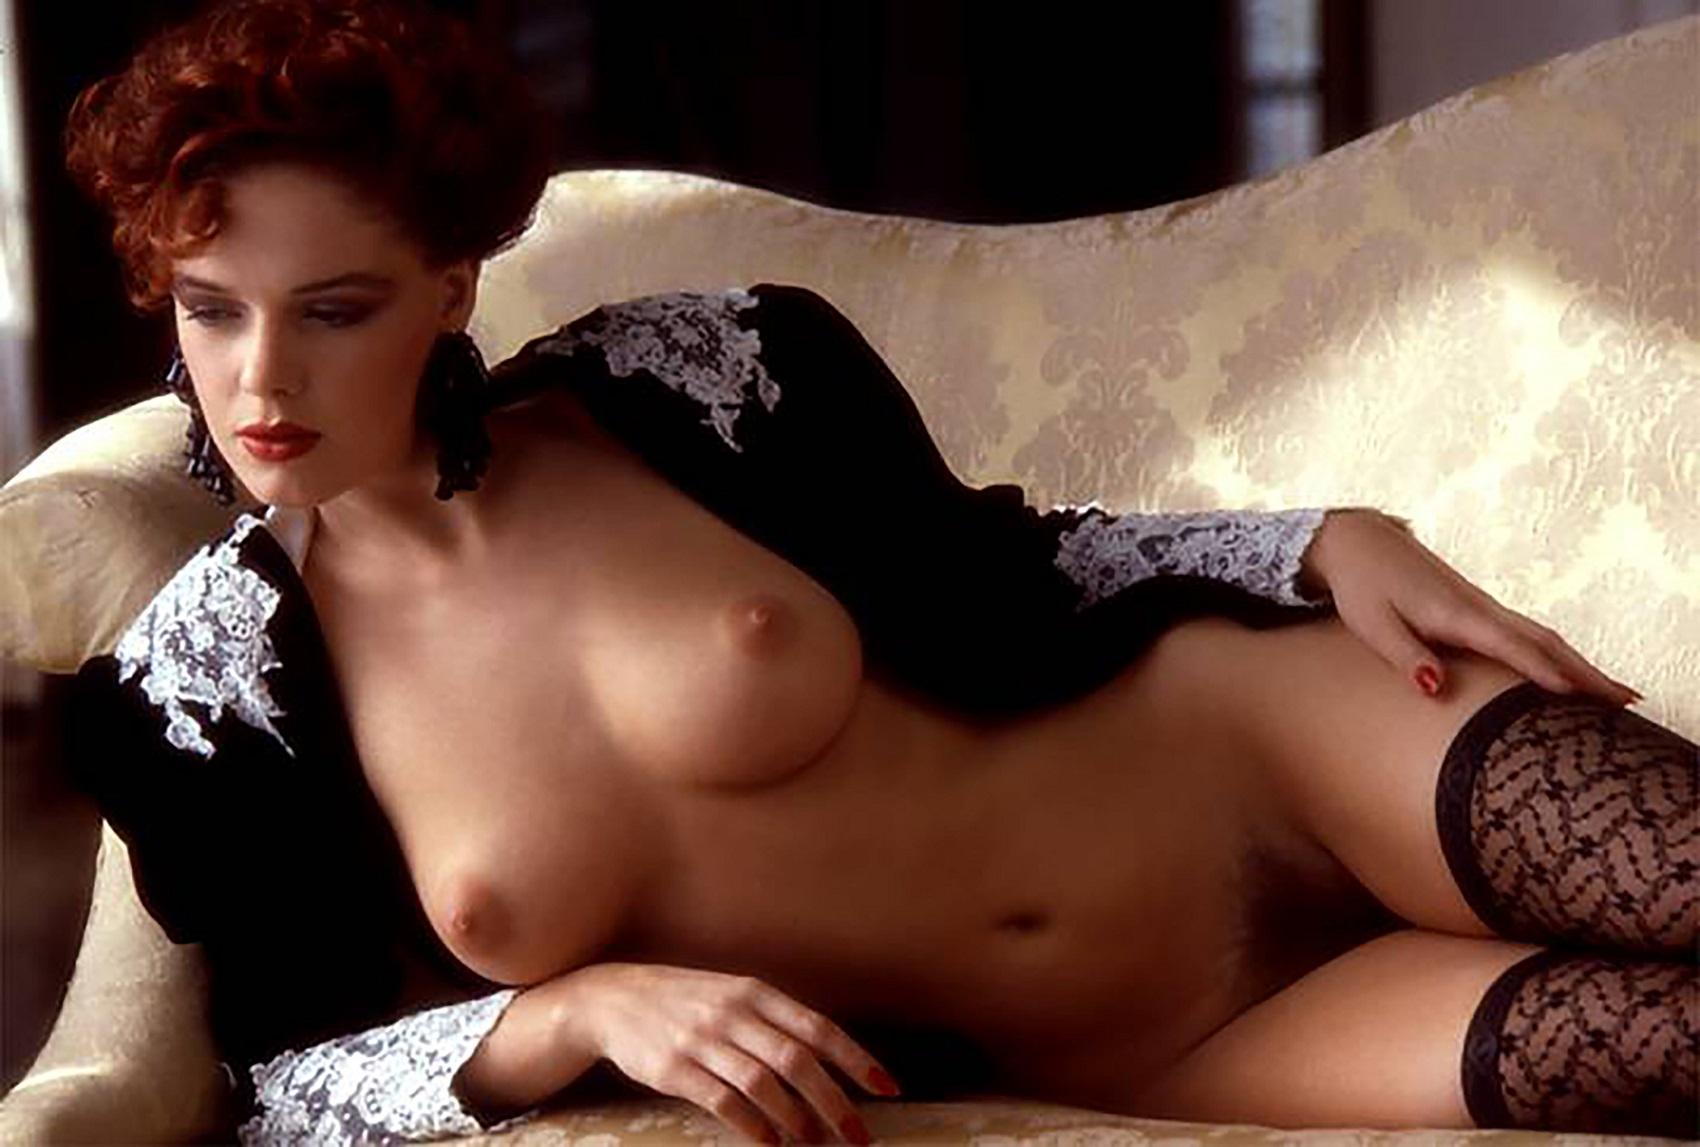 Эро фото девушек 90/60/90, Голые девушки с формами- Эротические фото 18 фотография